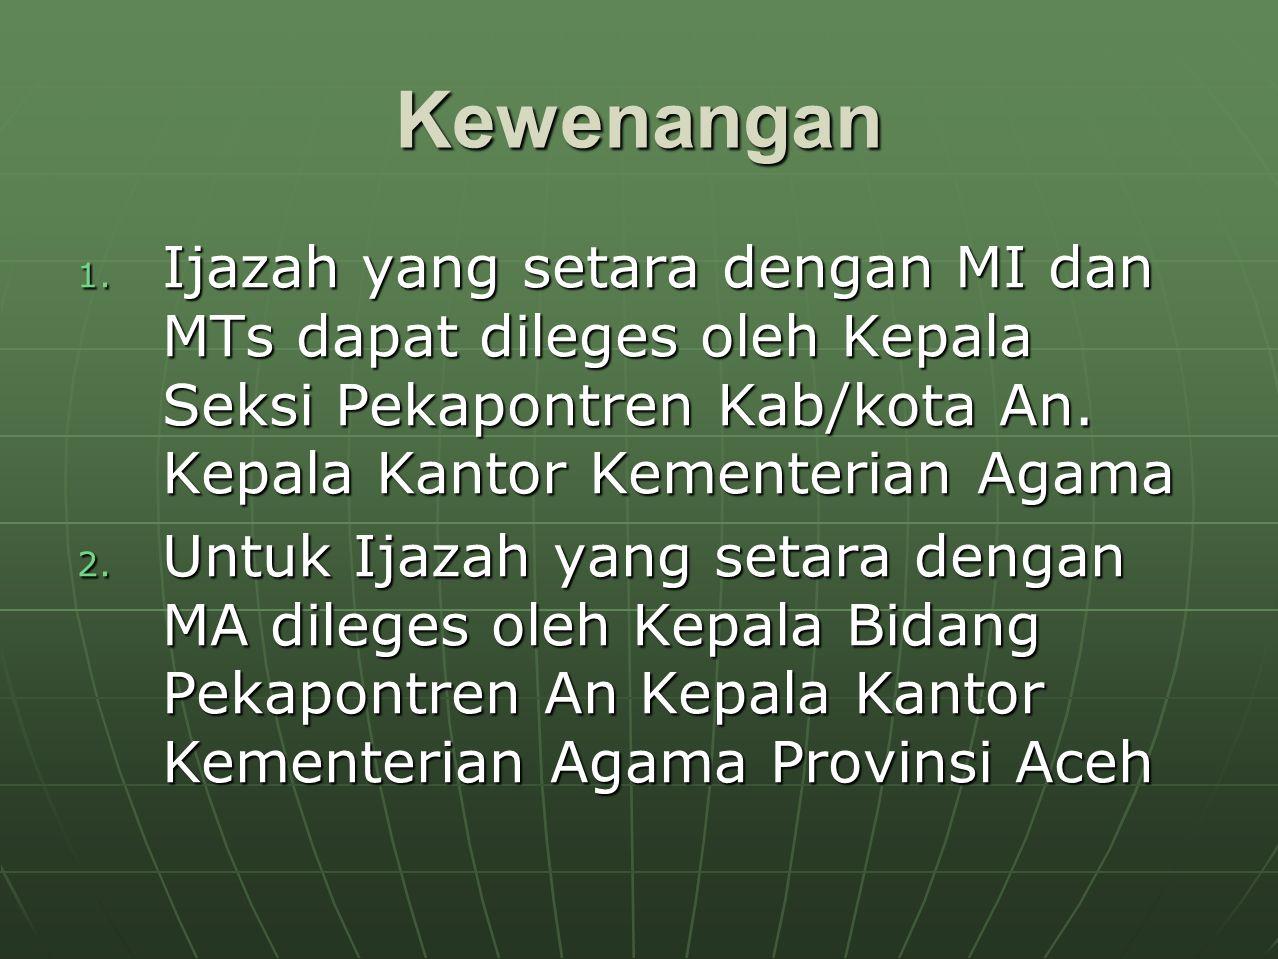 Kewenangan Ijazah yang setara dengan MI dan MTs dapat dileges oleh Kepala Seksi Pekapontren Kab/kota An. Kepala Kantor Kementerian Agama.